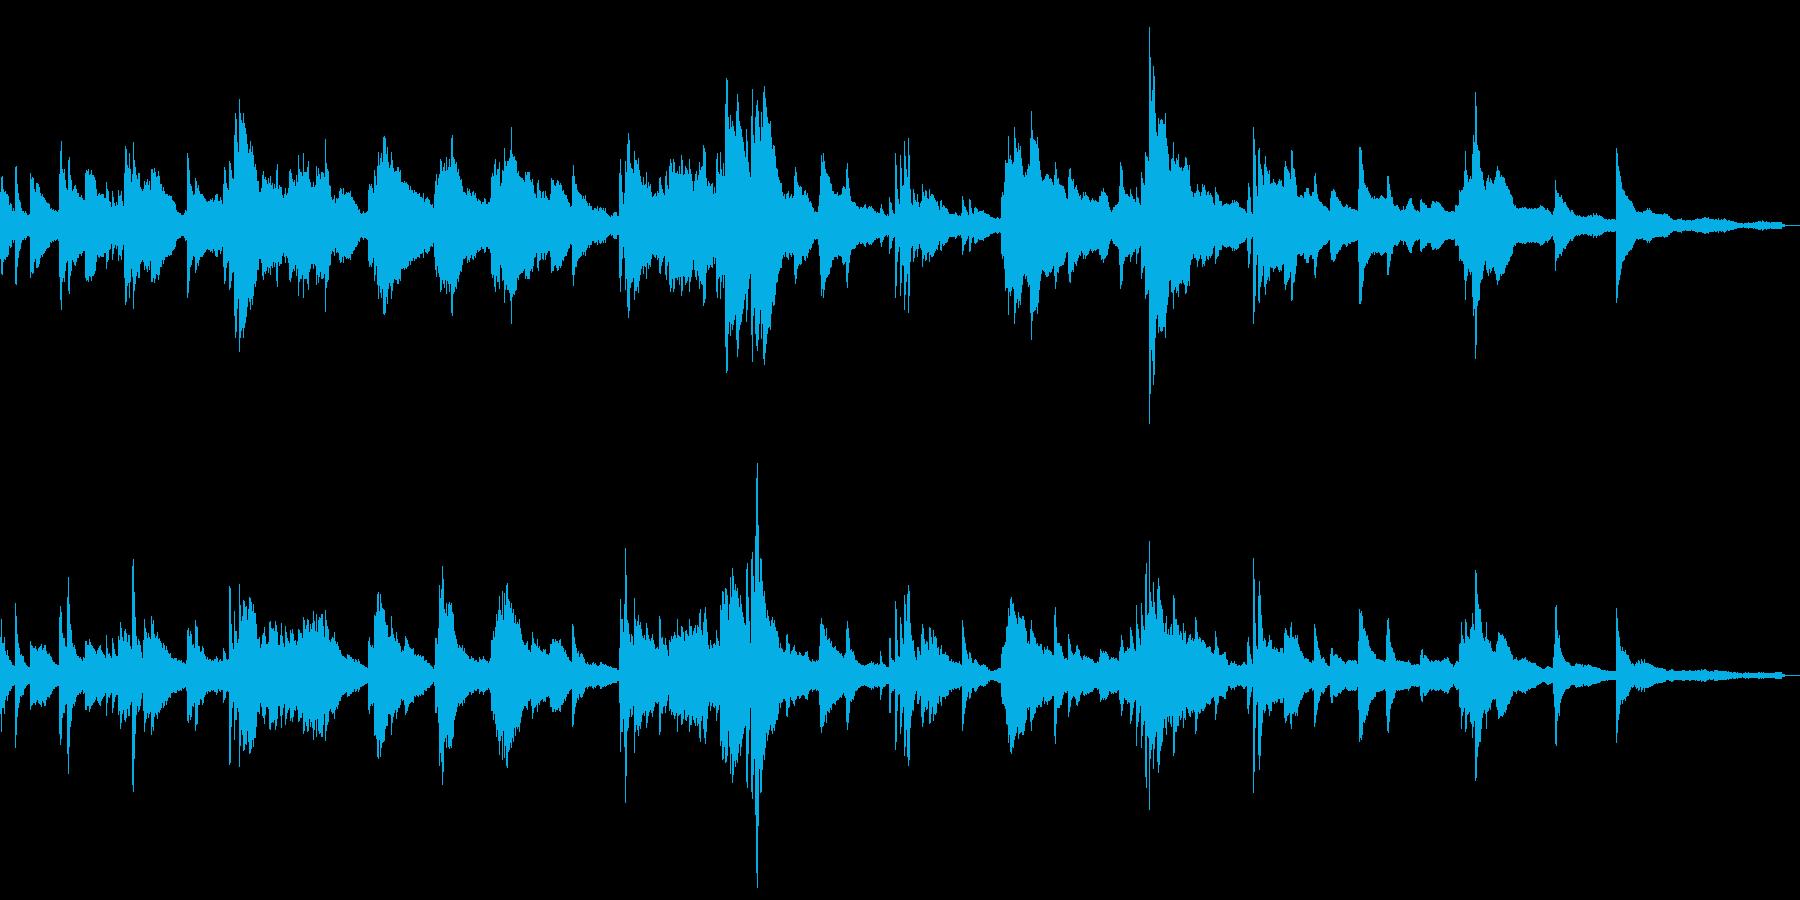 和風の怪しい雰囲気5-ピアノソロの再生済みの波形